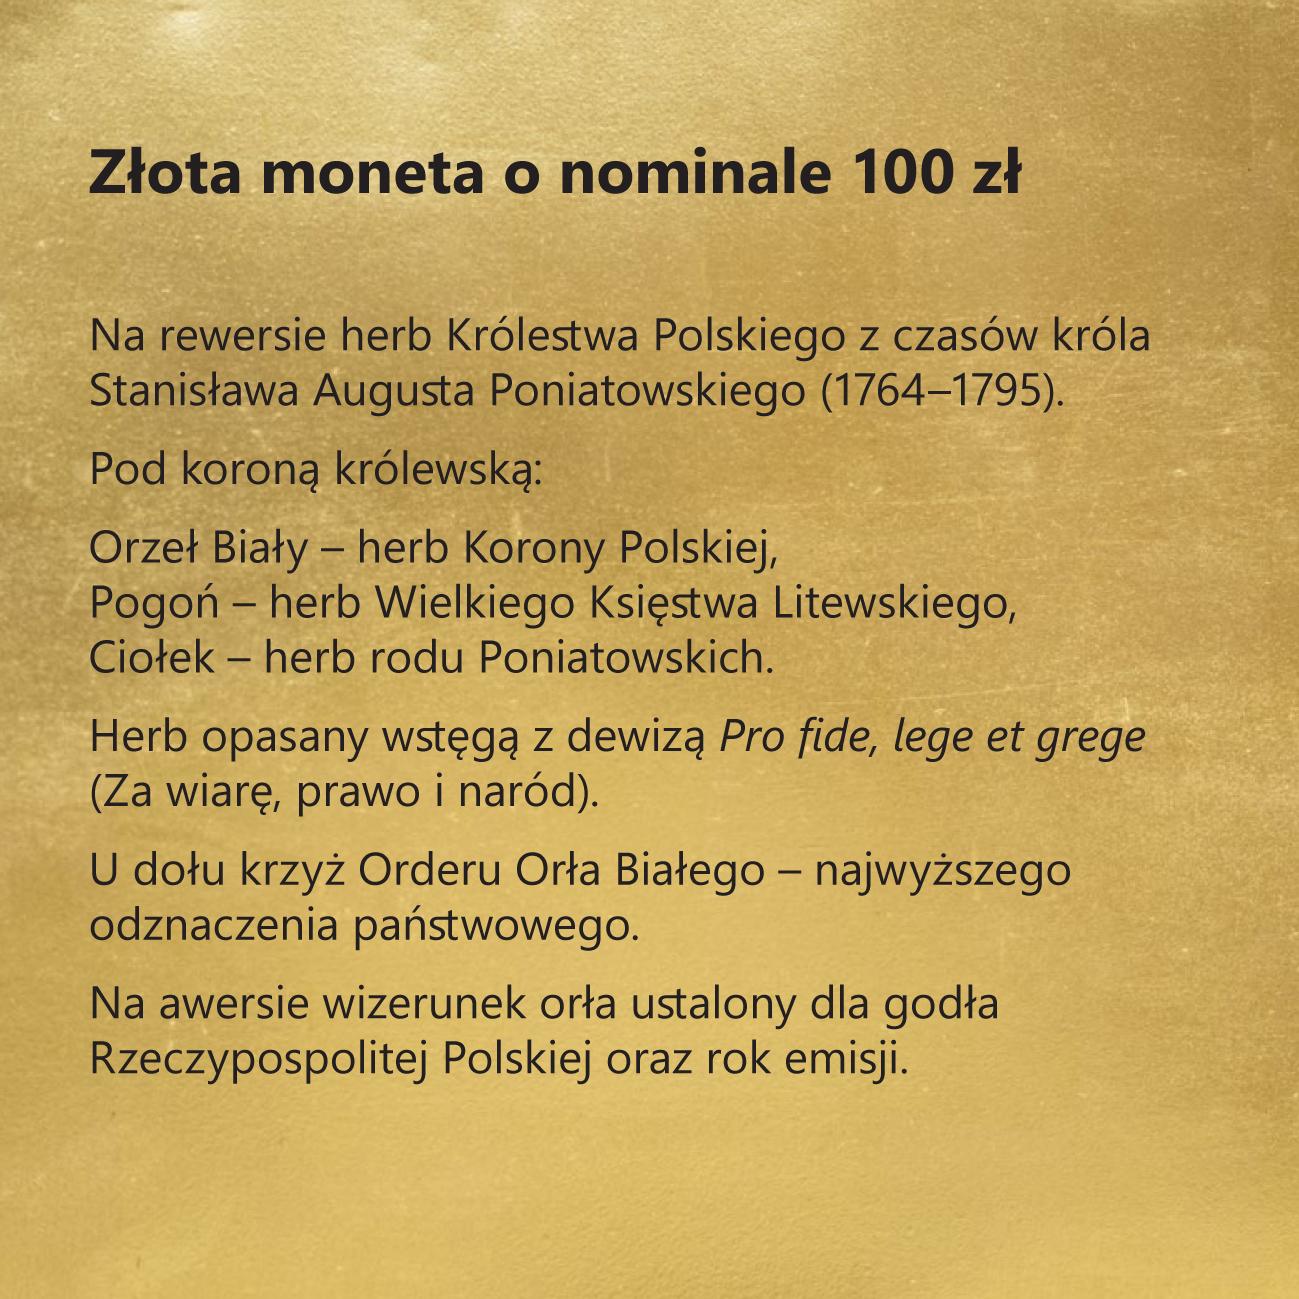 230. rocznica Konstytucji 3 Maja – dzieła odrodzonej Rzeczypospolitej , 100 zł, tabliczka